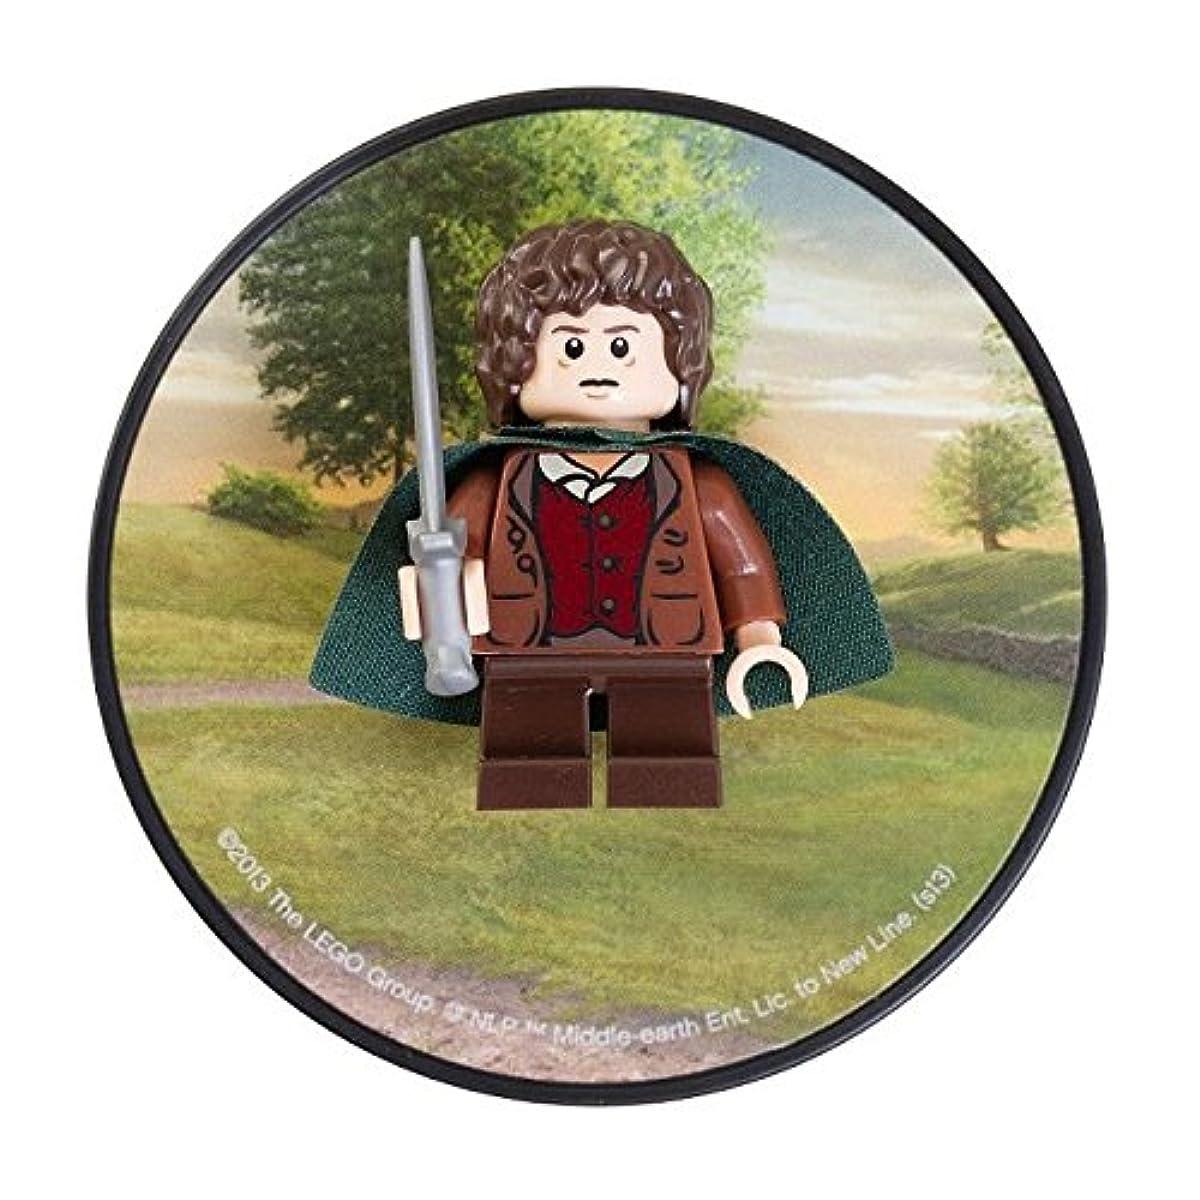 [해외] LEGO THE LORD OF THE RINGS FRODO BAGGINS MAGNET-850681